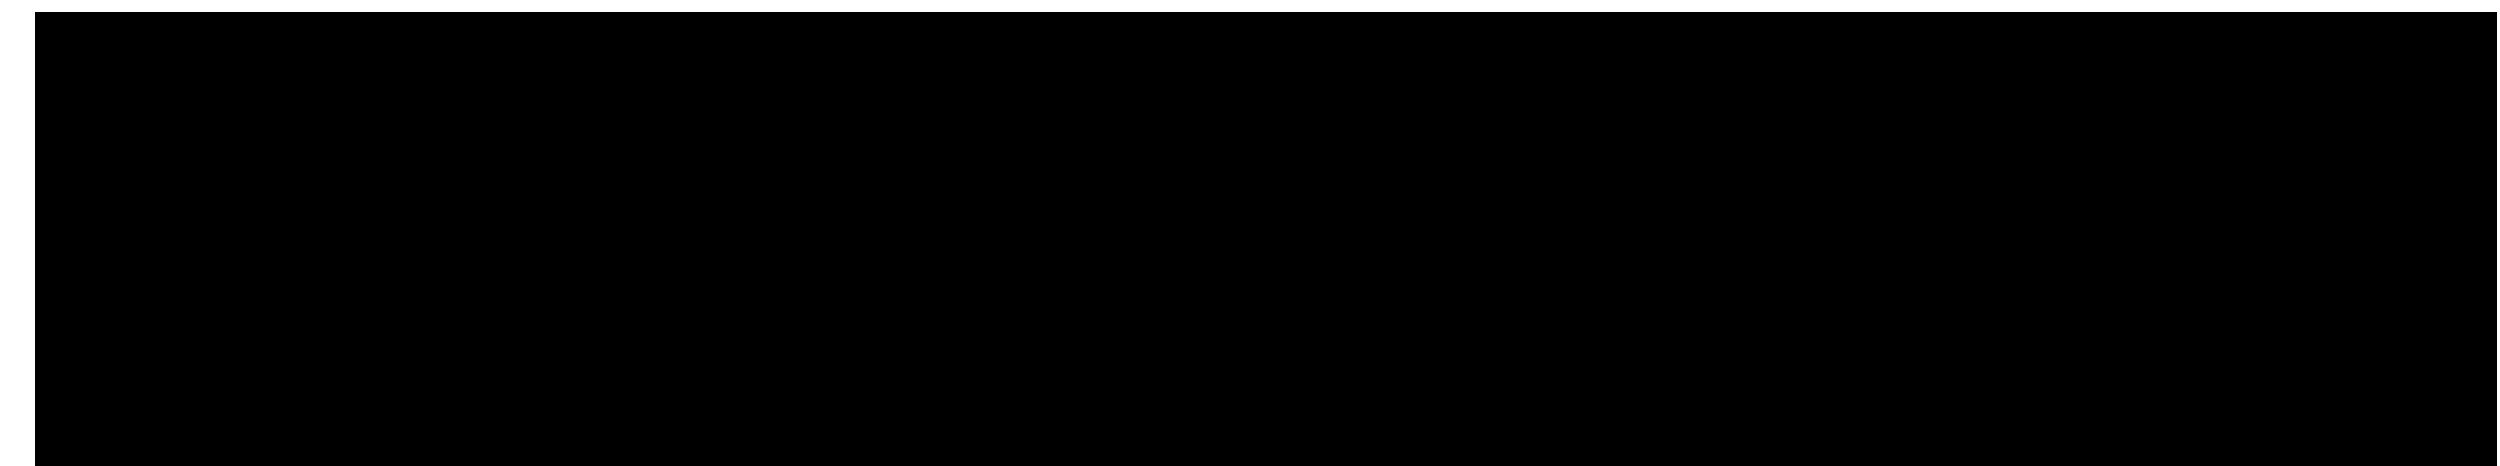 logo_uzhspacehub